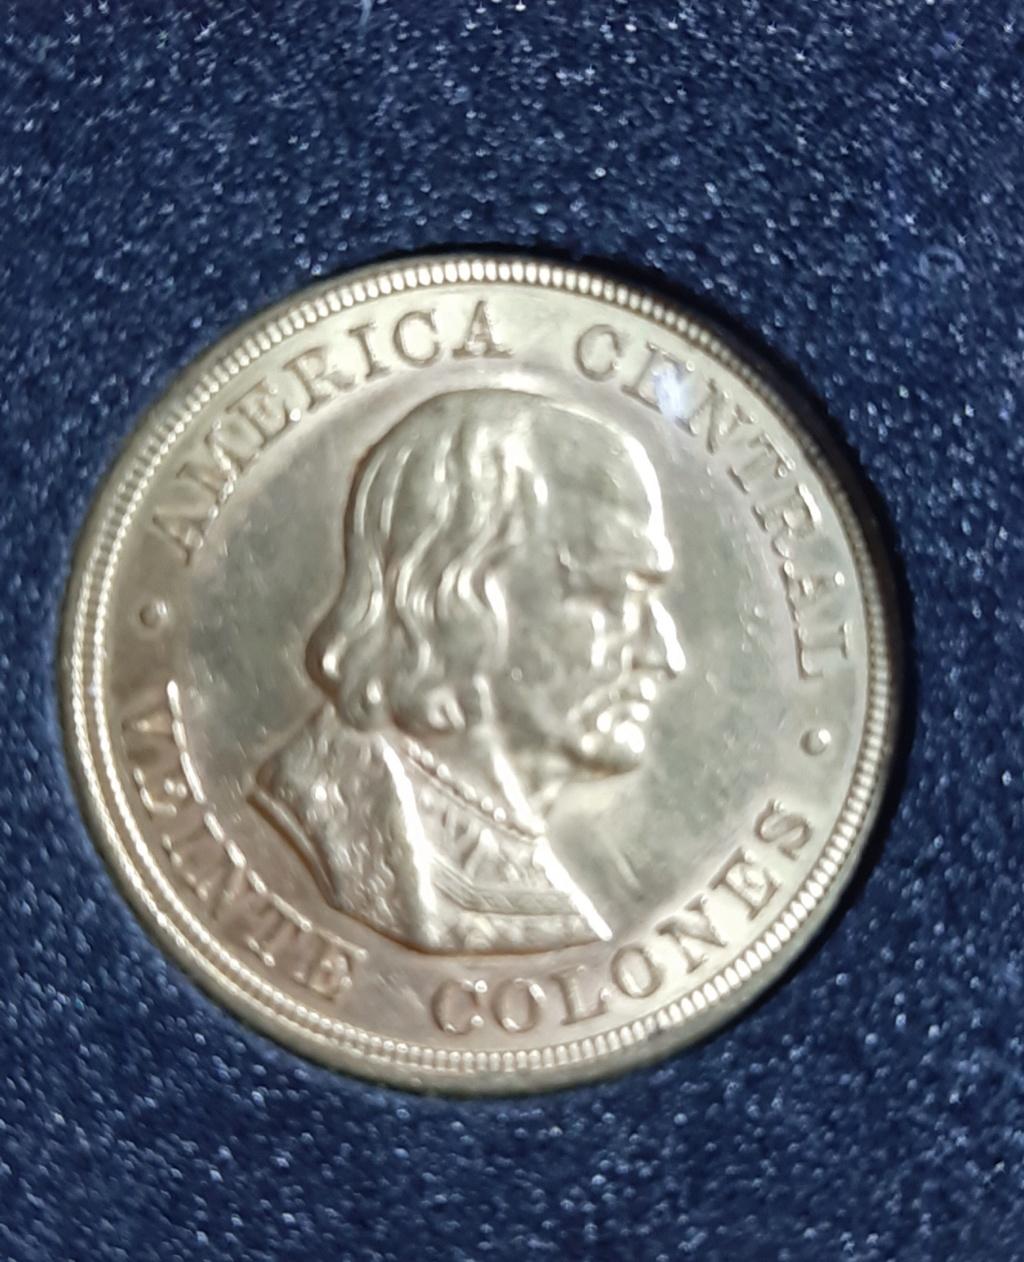 República de Costa Rica - 20 Colones - 1899 - oro  20190825